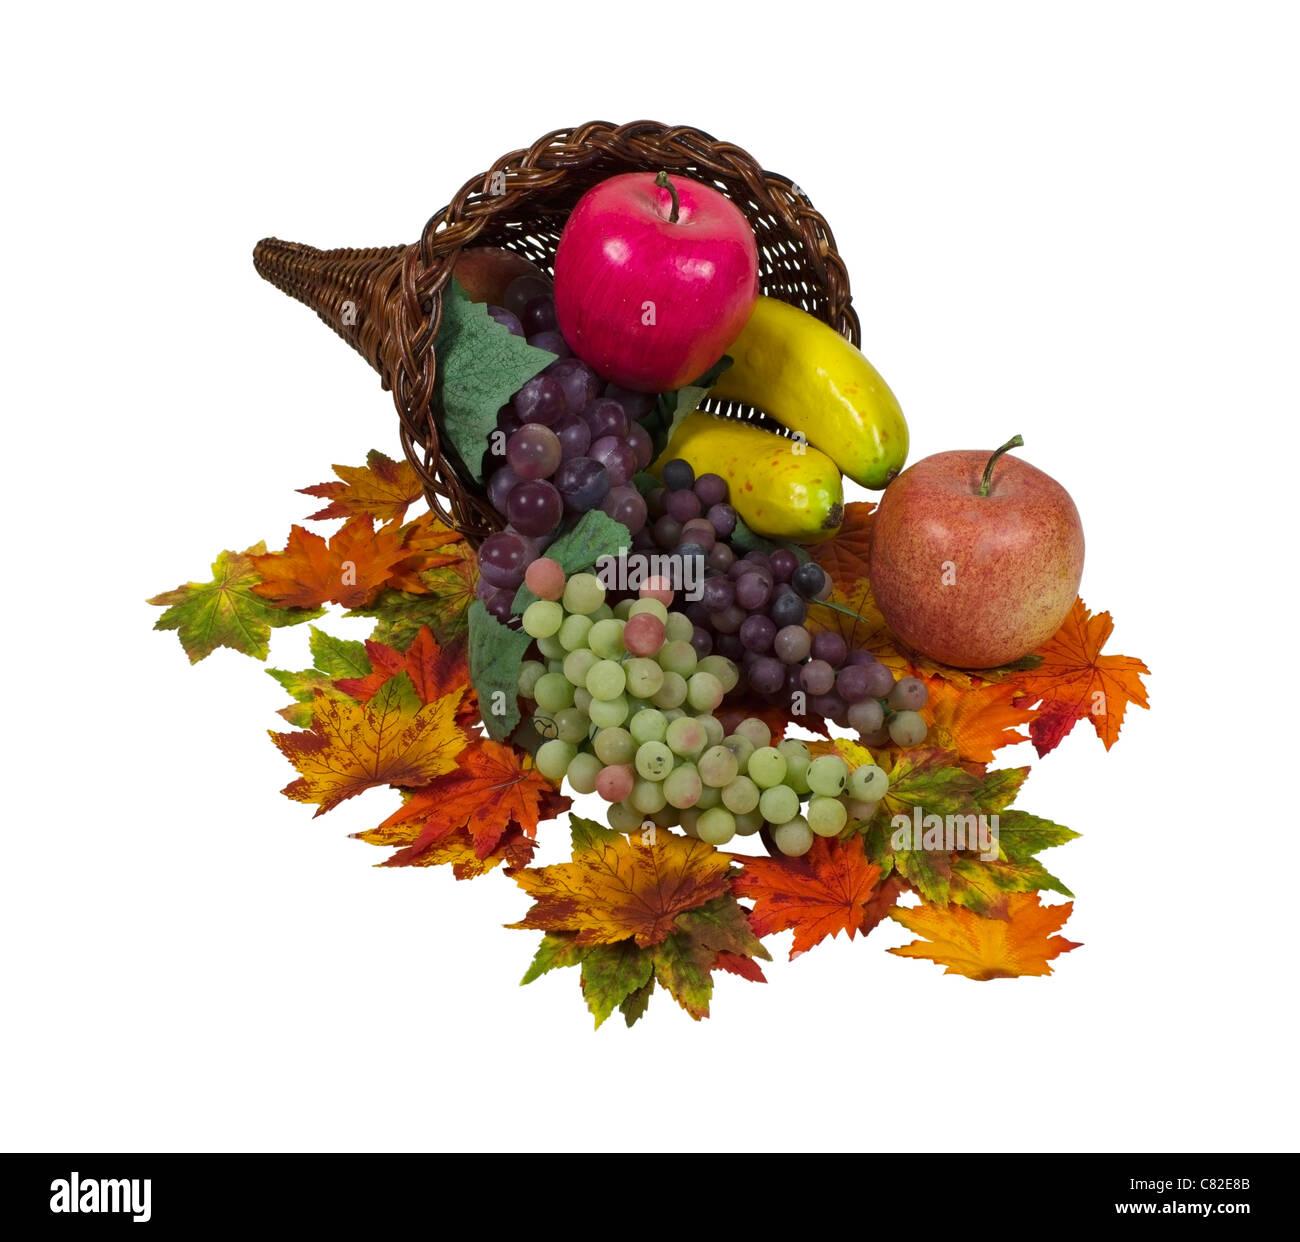 Füllhorn reichlich Obst garniert mit Blätter - Pfad enthalten ...